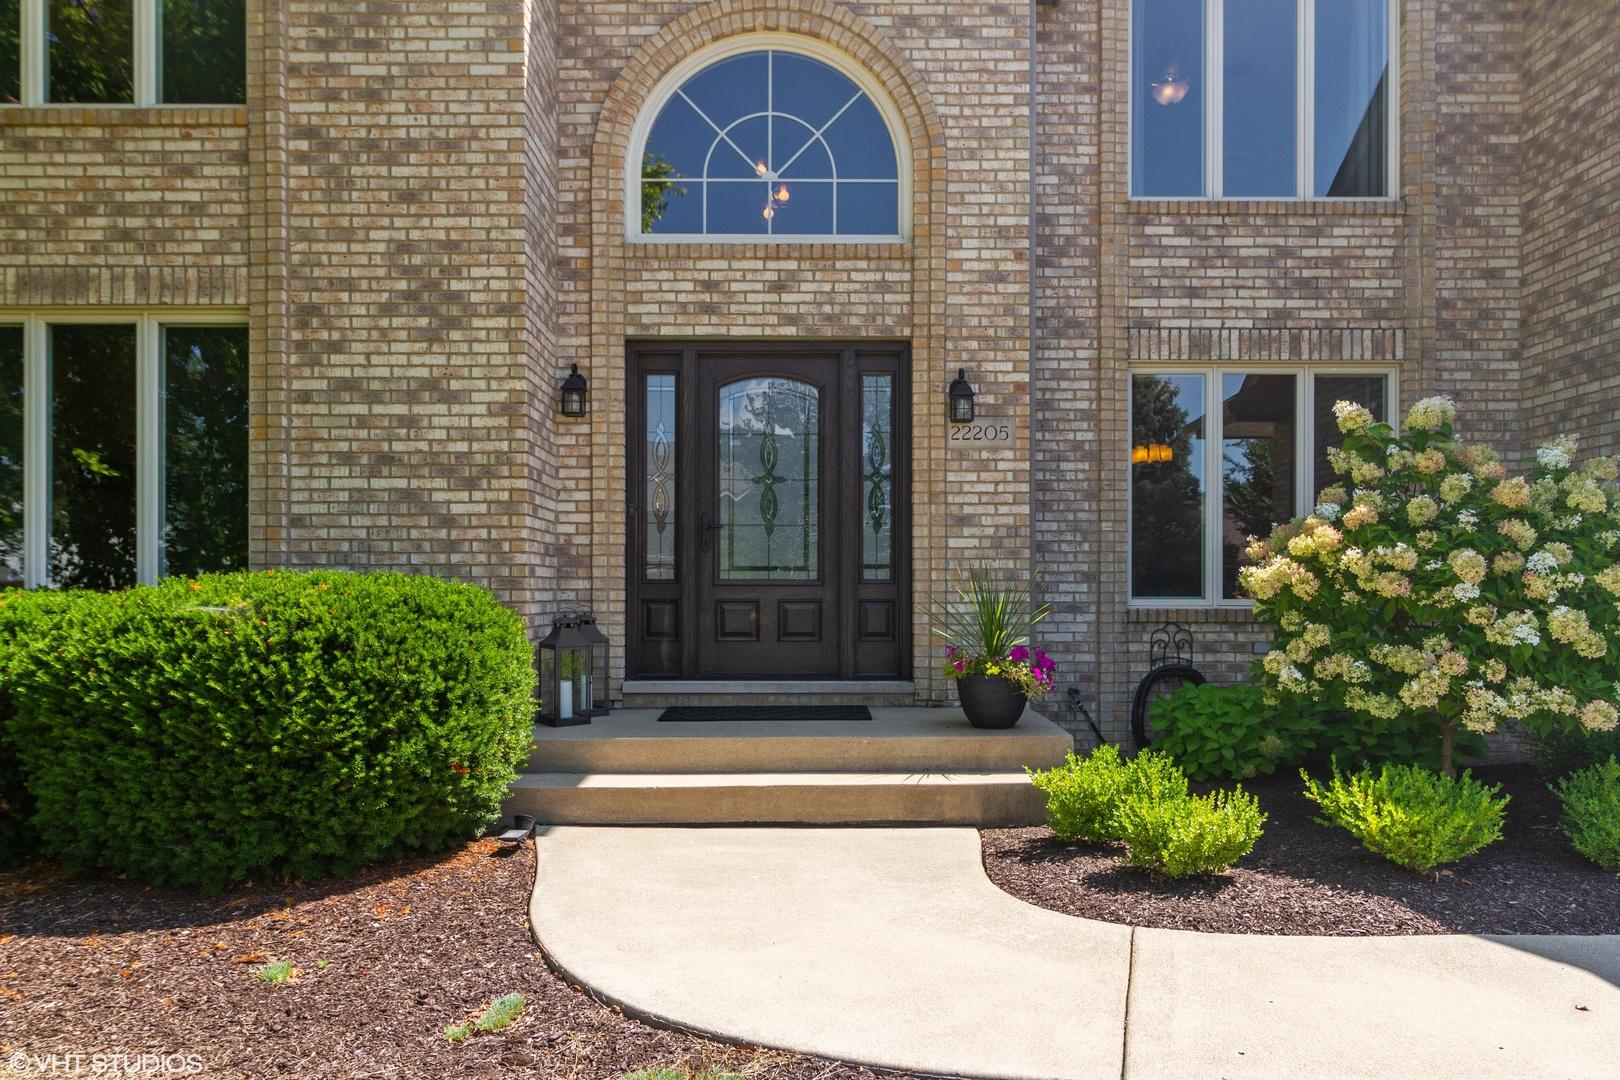 22205 Pembrook, Frankfort, Illinois, 60423